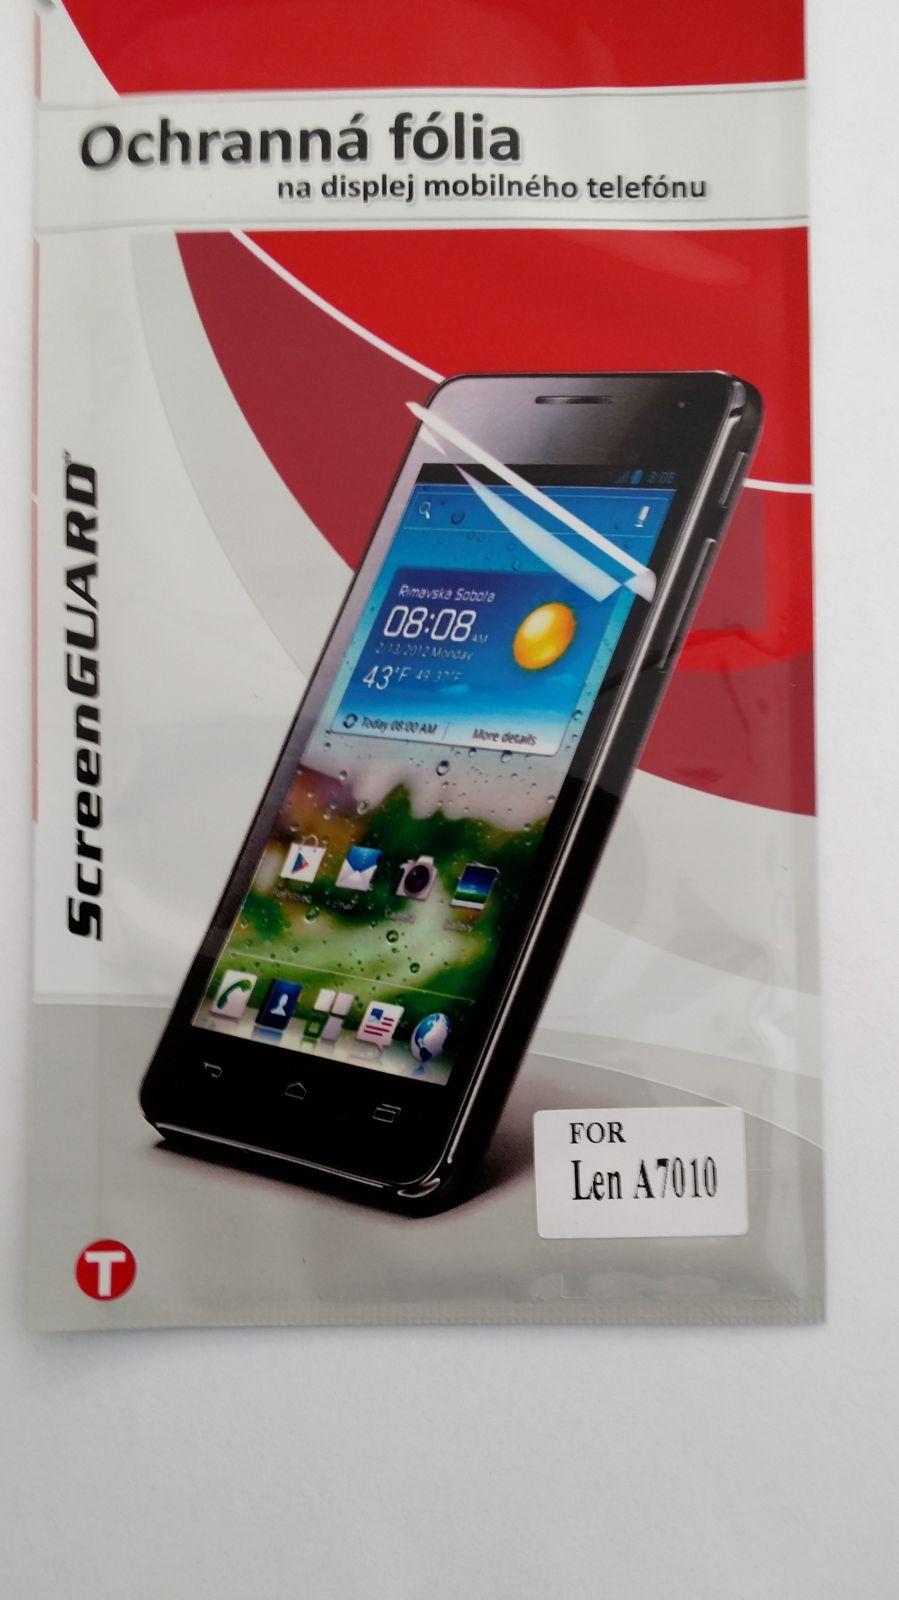 Ochranná folie Mobilnet Lenovo Vibe K4 Note/A7010